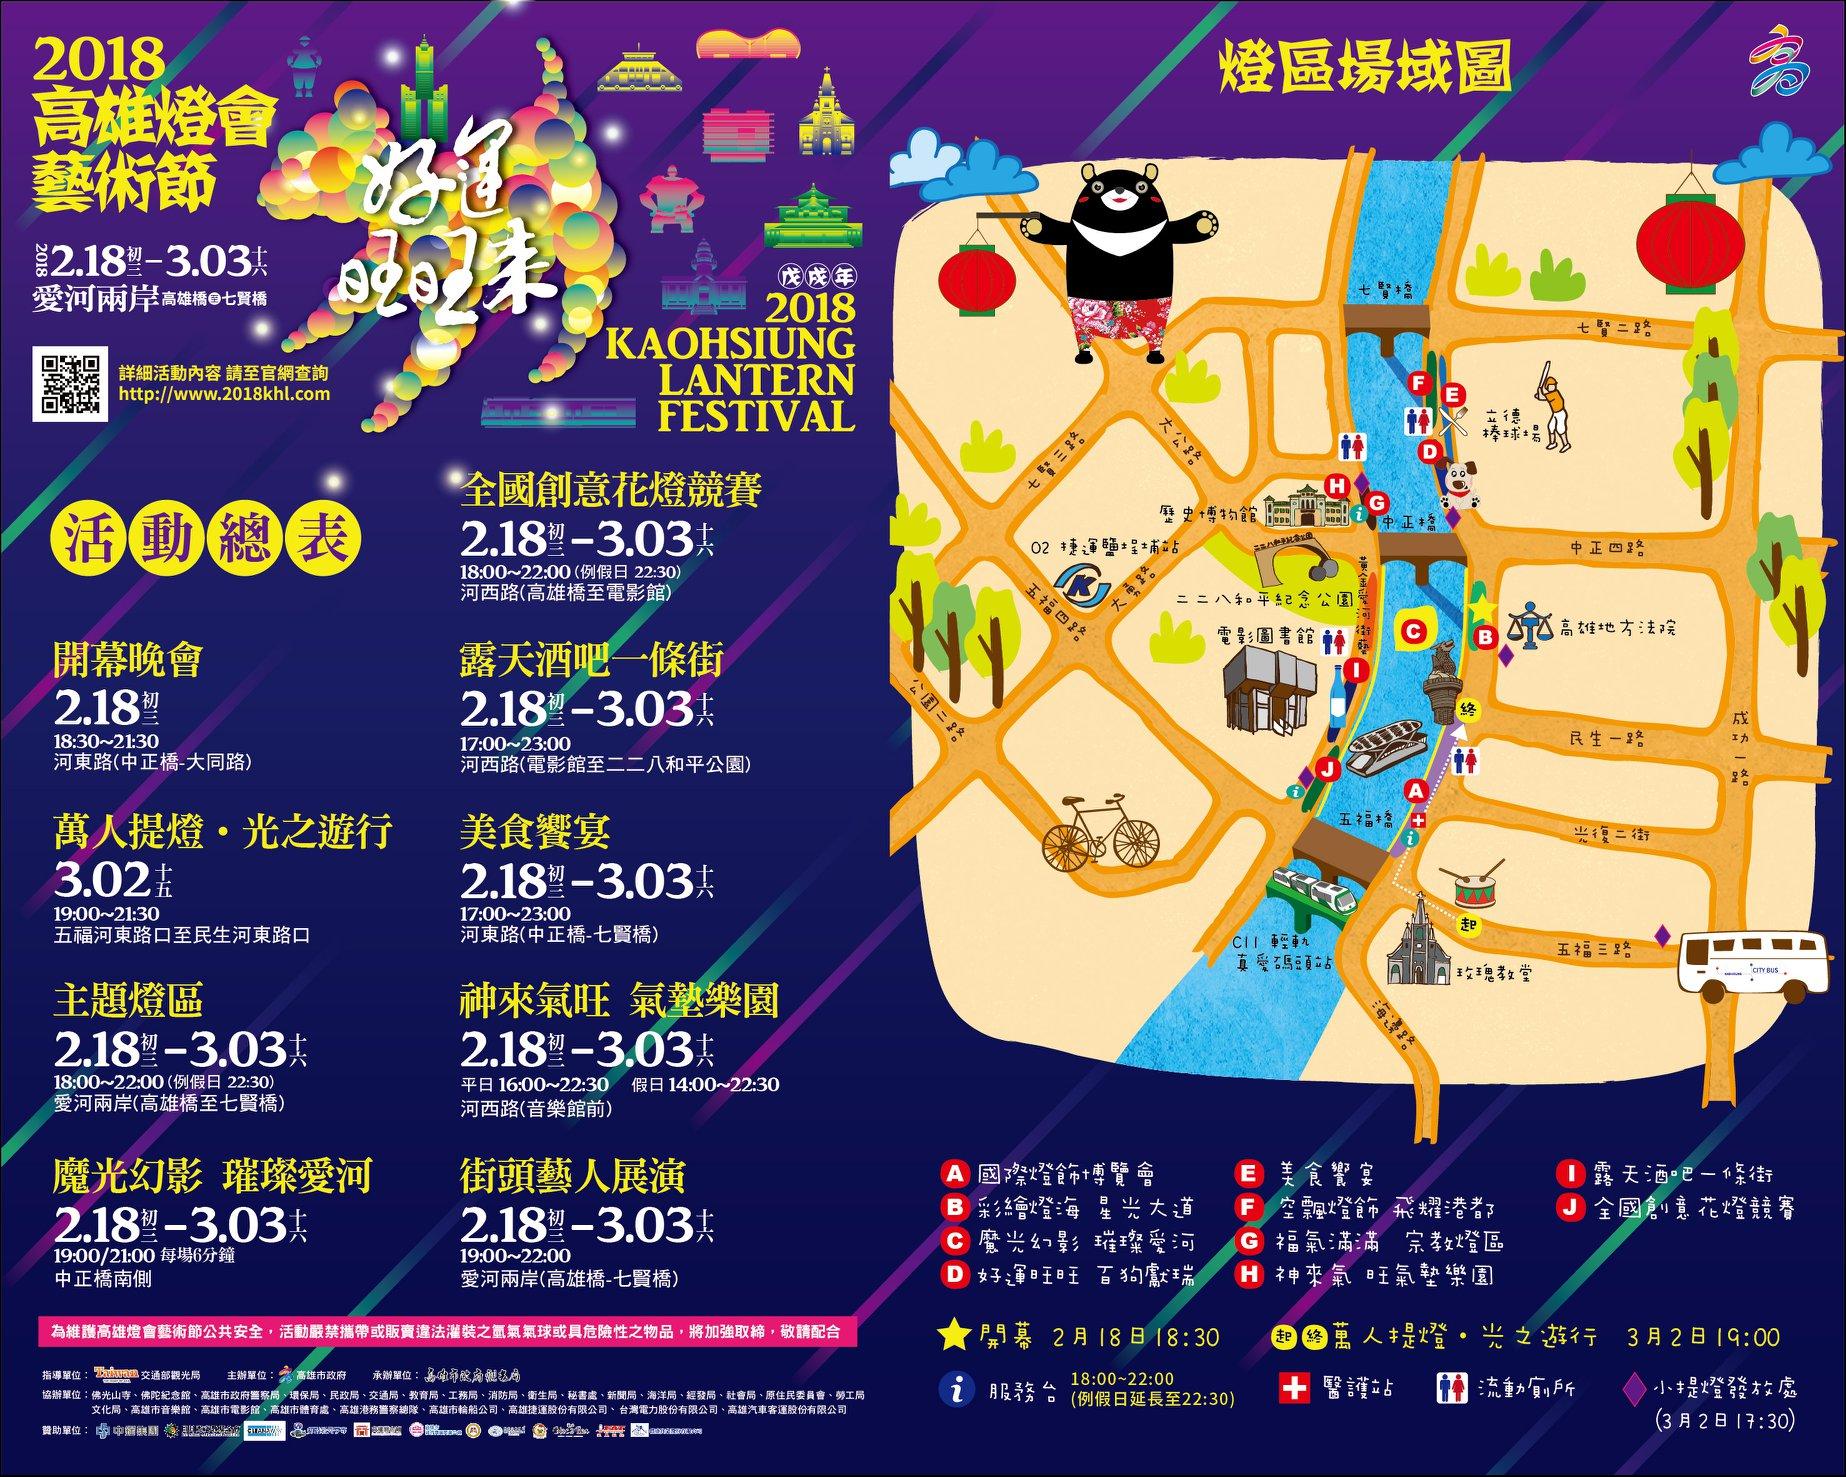 2018高雄燈會藝術節地圖